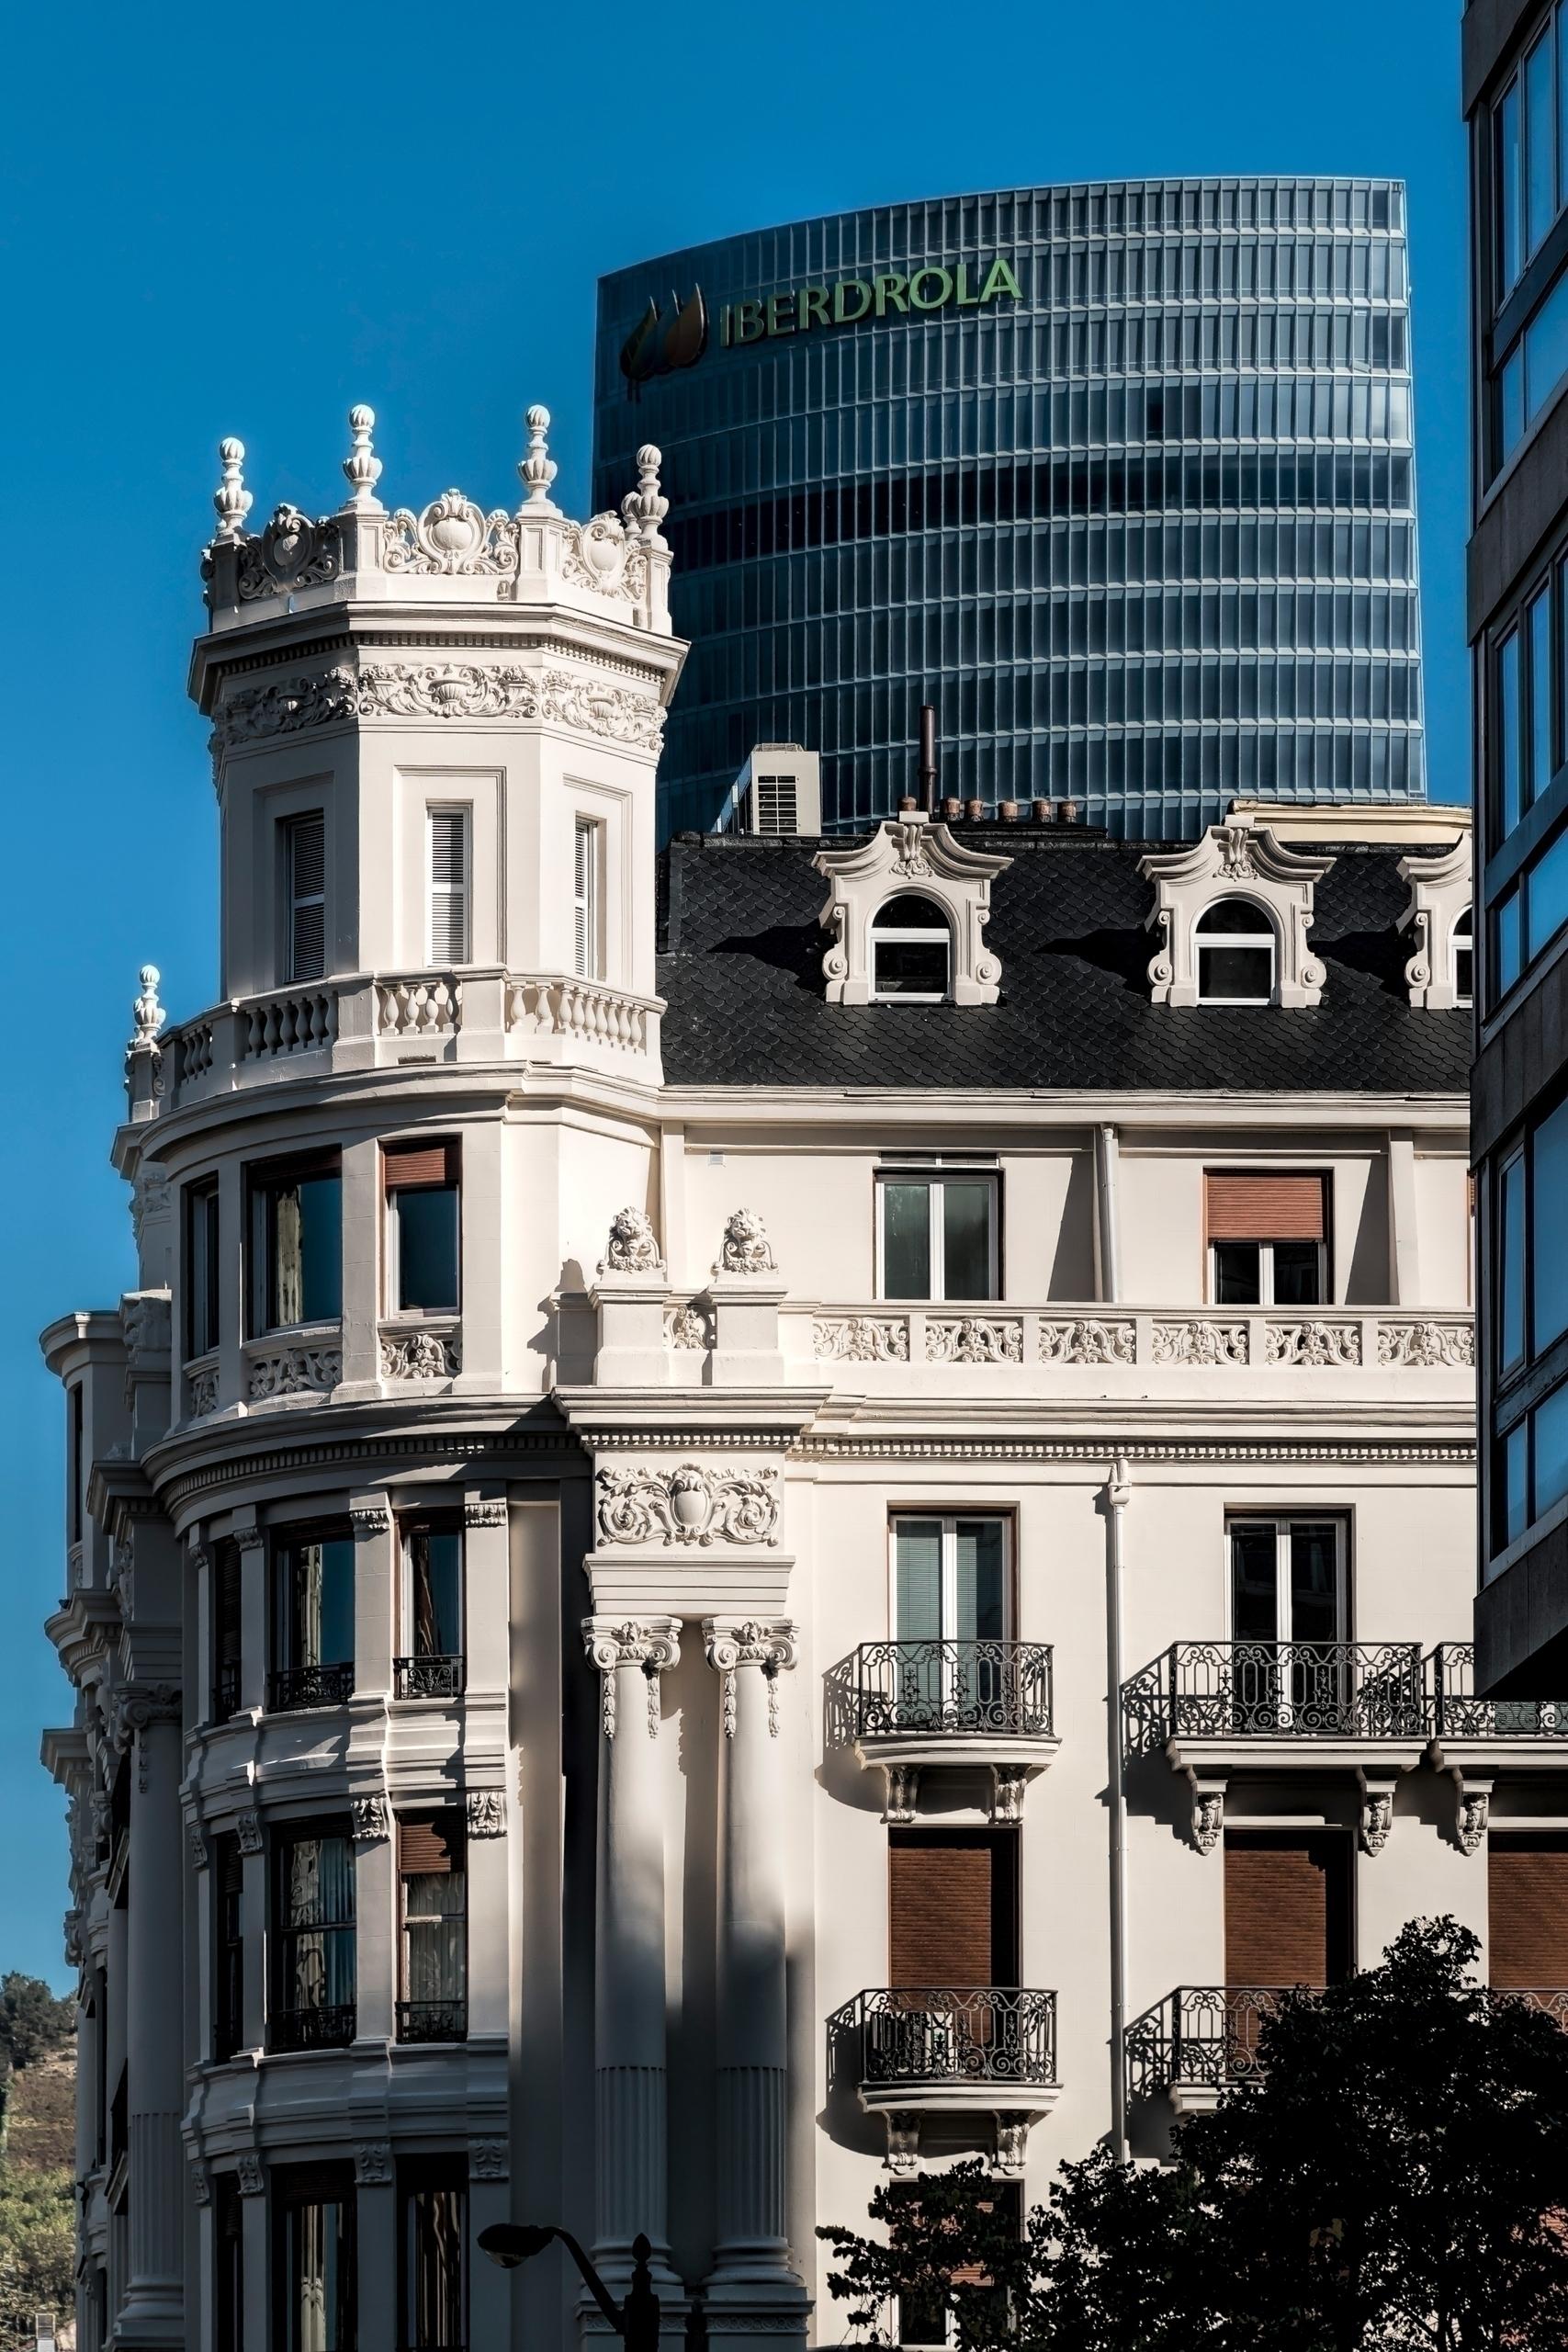 Iberdrola skyscraper, Bilbao, S - cateye_ | ello